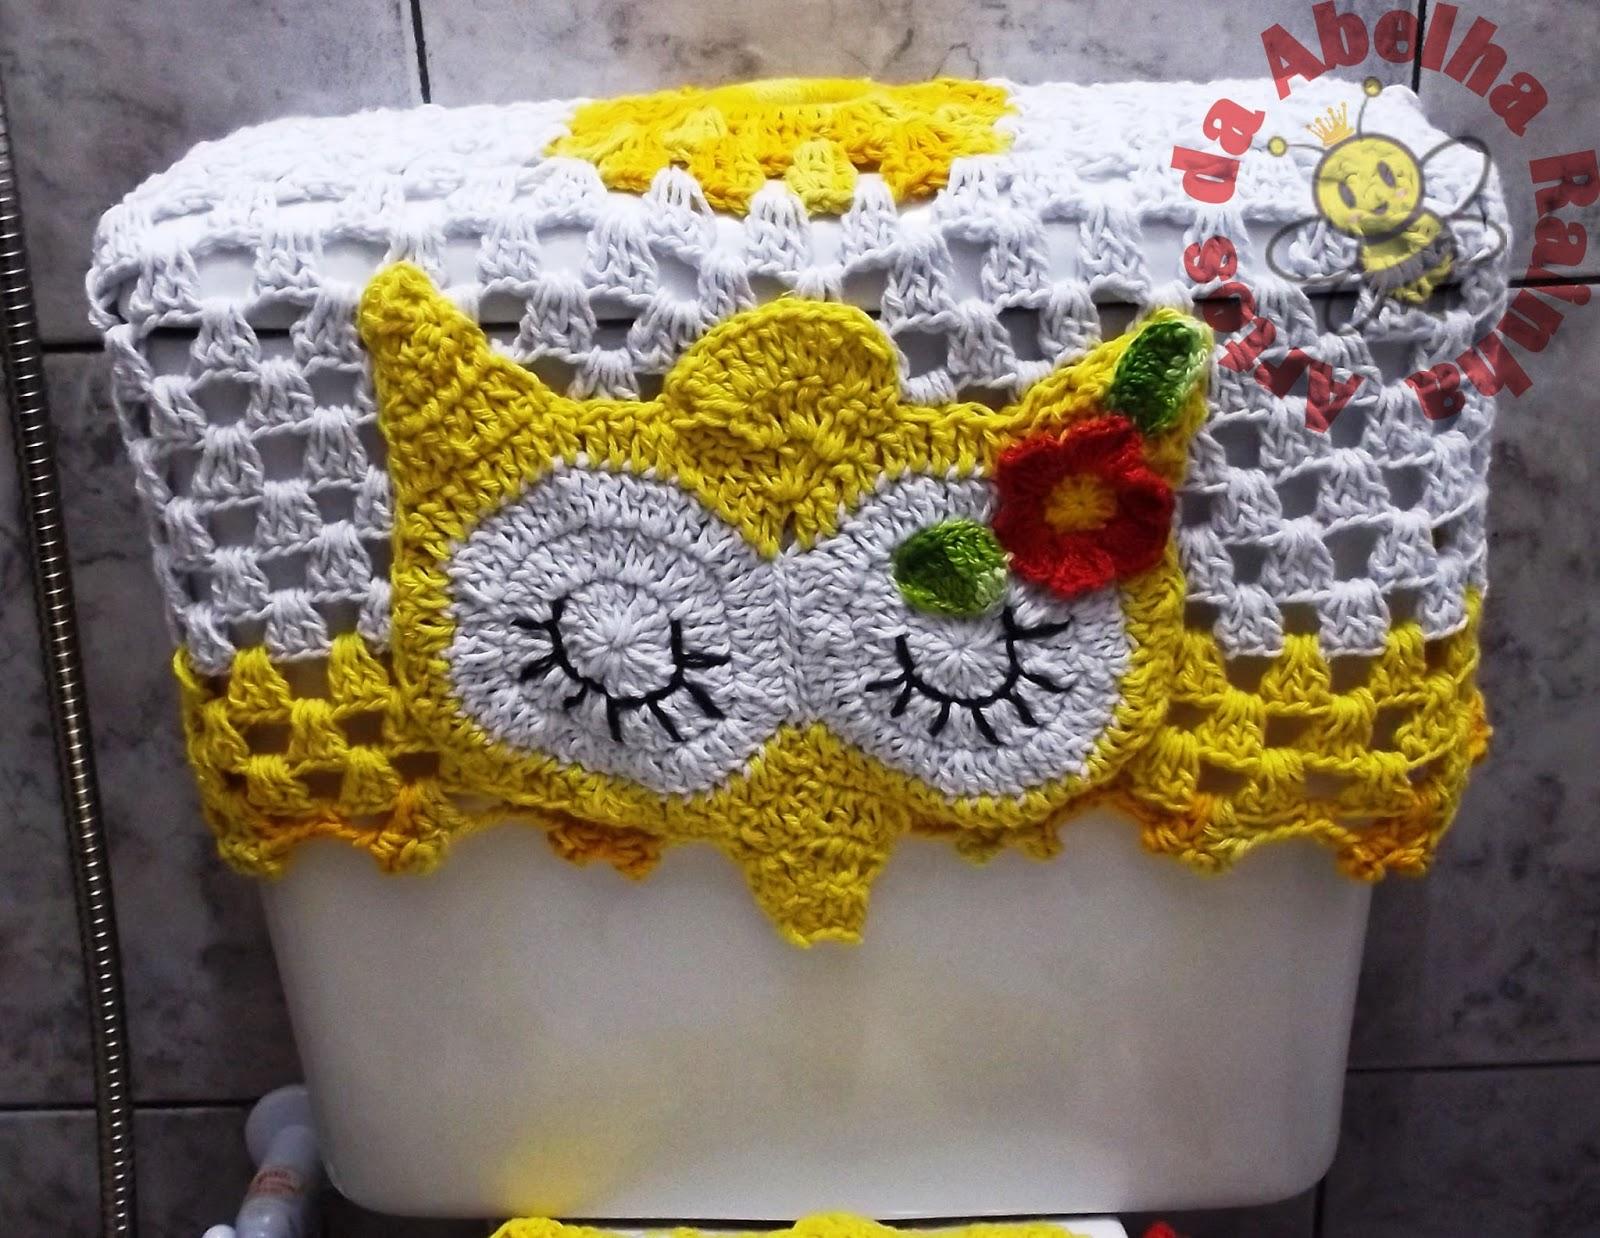 Abelha Rainha: Jogo de banheiro corujas dorminhocas (amarelo e branco #B29319 1600 1238